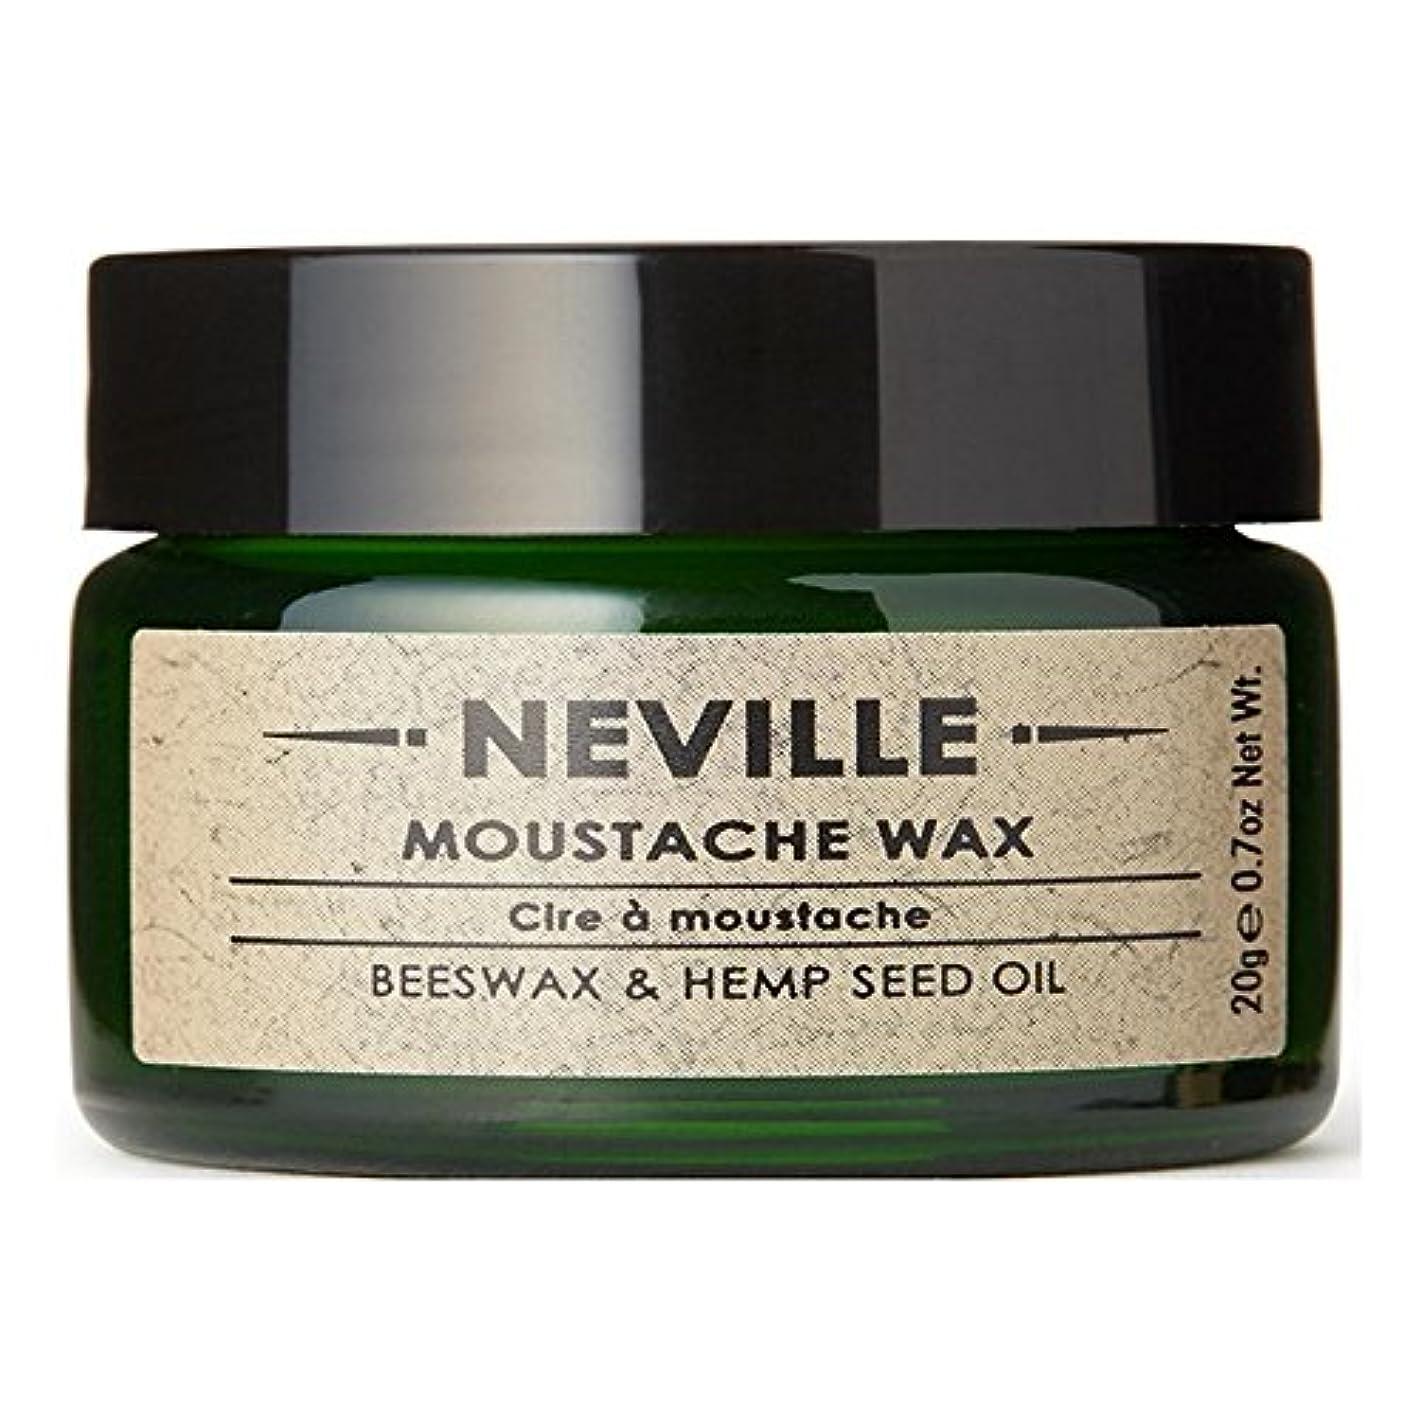 帰る既に予測子ネビル口ひげワックス x2 - Neville Moustache Wax (Pack of 2) [並行輸入品]